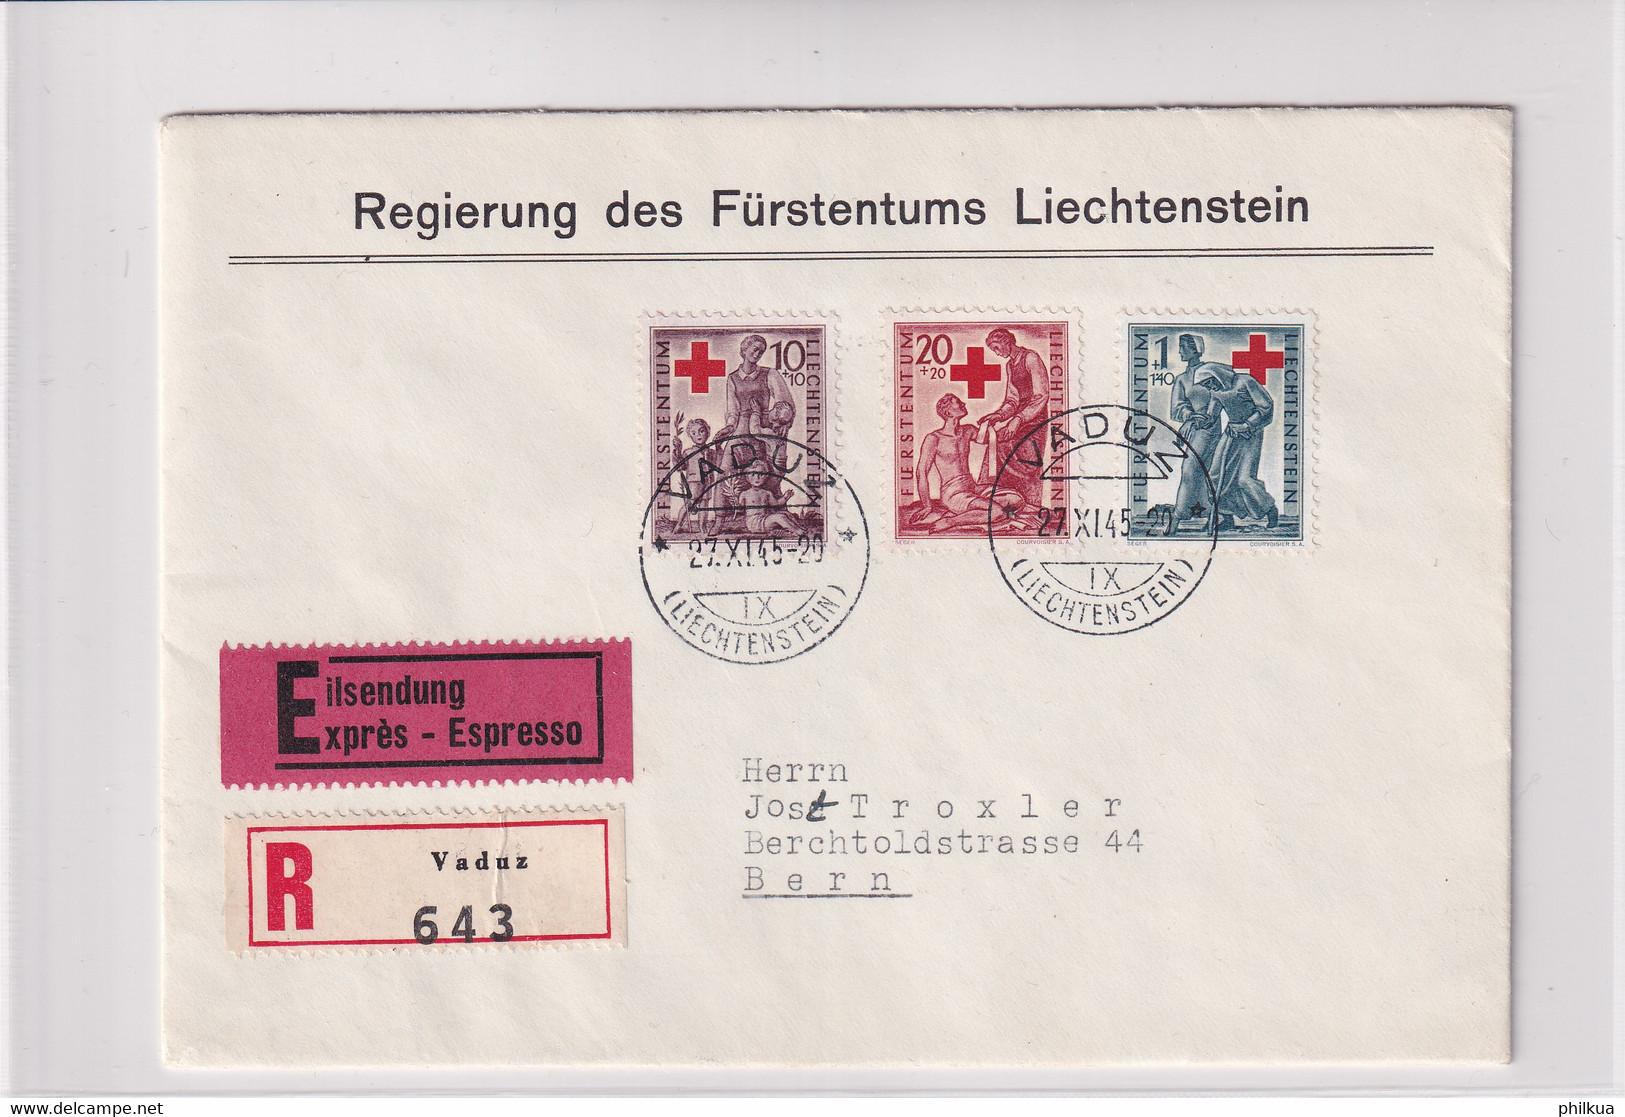 Liechtenstein Michel 244-246 Rotkreuz Express FDC Mit Telegrafen-Ankunftsstempel BERN TELEGRAPH Eilzustellung - FDC